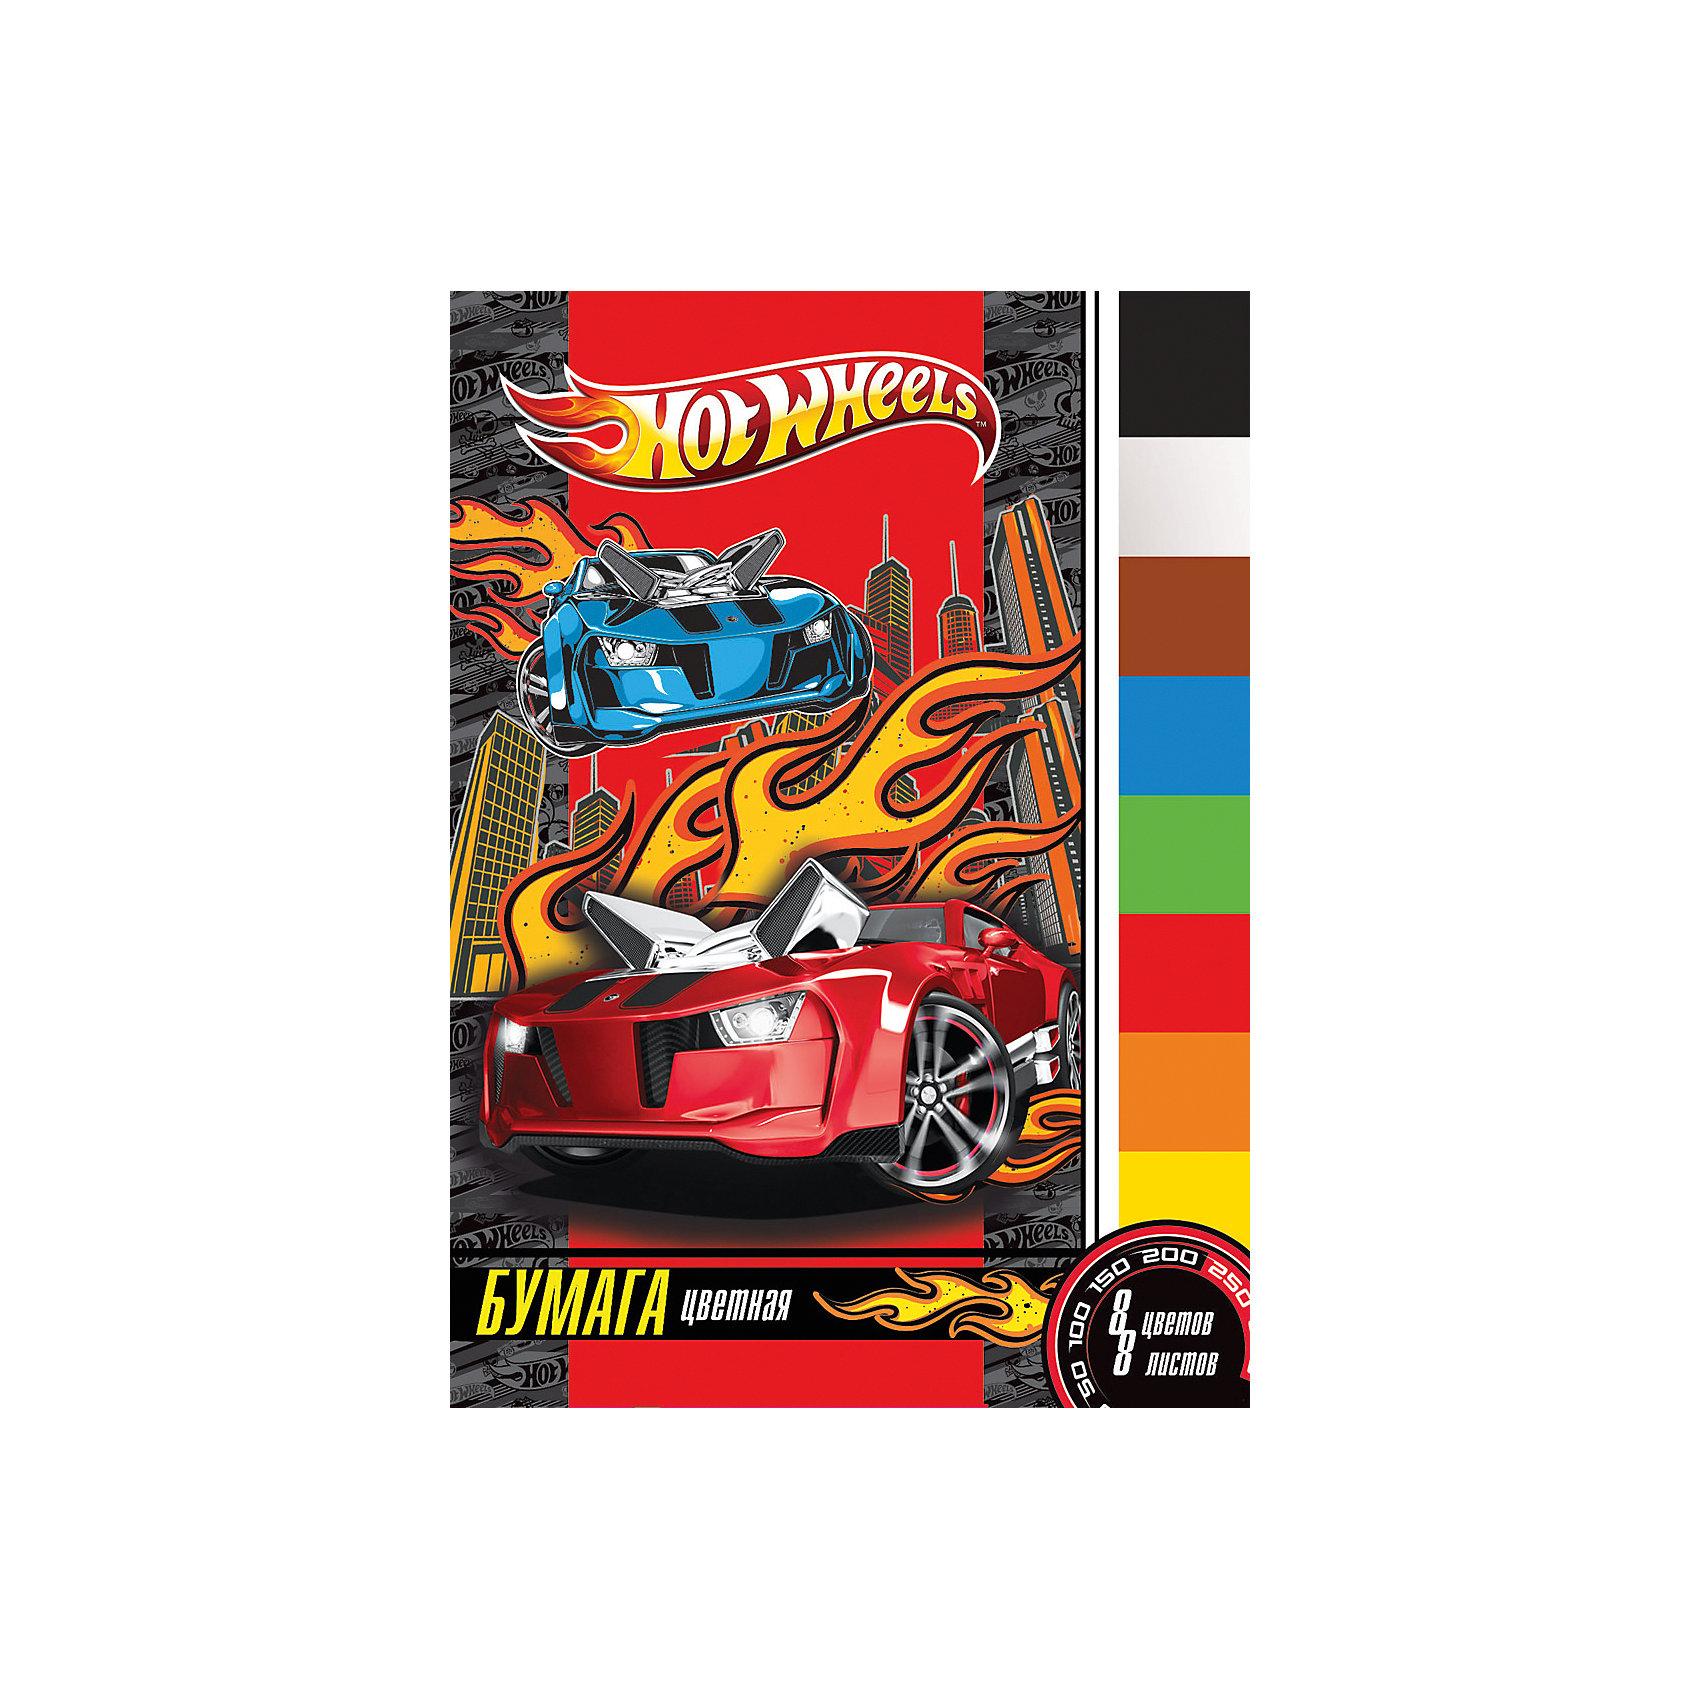 Цветная бумага (8 цветов, 8 листов), Hot WheelsHot Wheels<br>Цветная бумага (8 цветов, 8 листов), Hot Wheels<br><br>Характеристики:<br><br>• Количество цветов: 8<br>• Количество листов: 8<br>• Формат: А4<br>• Тип крепления: на скрепке<br>• Немелованная<br><br>Набор включает в себя 8 разноцветных листов. Качественная немелованная бумага поможет ребенку сделать множество поделок, аппликаций или цветных оригами. Крепление на скрепке очень удобное. Оно предотвращает выпадение бумаги и с него удобно снимать листы на уроках.<br><br>Цветная бумага (8 цветов, 8 листов), Hot Wheels можно купить в нашем интернет-магазине.<br><br>Ширина мм: 297<br>Глубина мм: 3<br>Высота мм: 230<br>Вес г: 34<br>Возраст от месяцев: 48<br>Возраст до месяцев: 144<br>Пол: Мужской<br>Возраст: Детский<br>SKU: 5390343